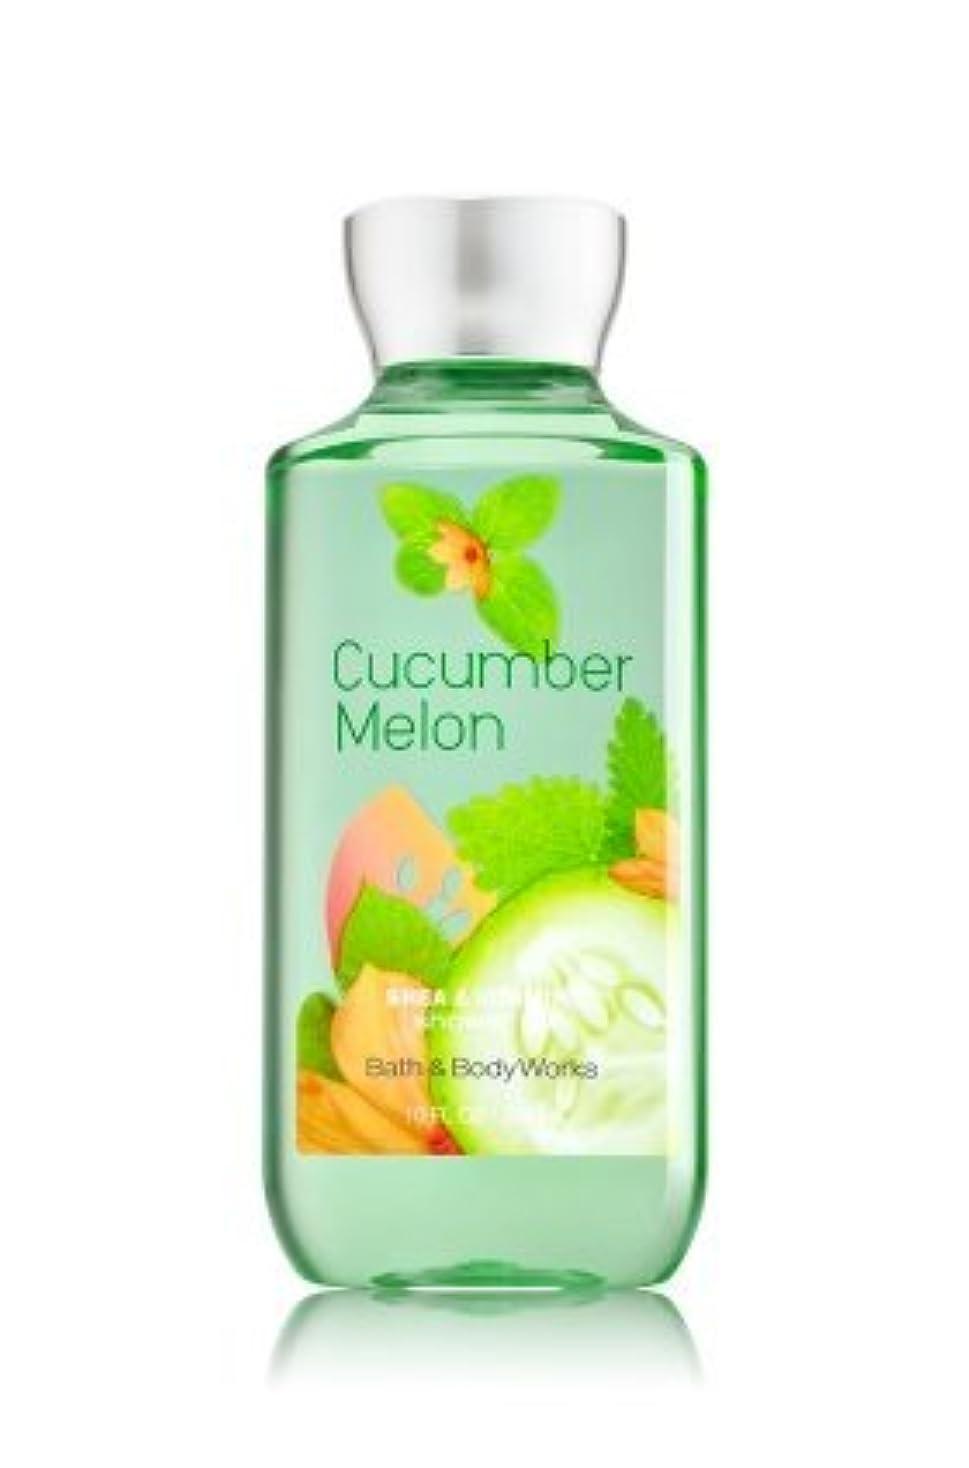 遠征ジャニスマイナー【Bath&Body Works/バス&ボディワークス】 シャワージェル キューカンバーメロン Shower Gel Cucumber Melon 10 fl oz / 295 mL [並行輸入品]